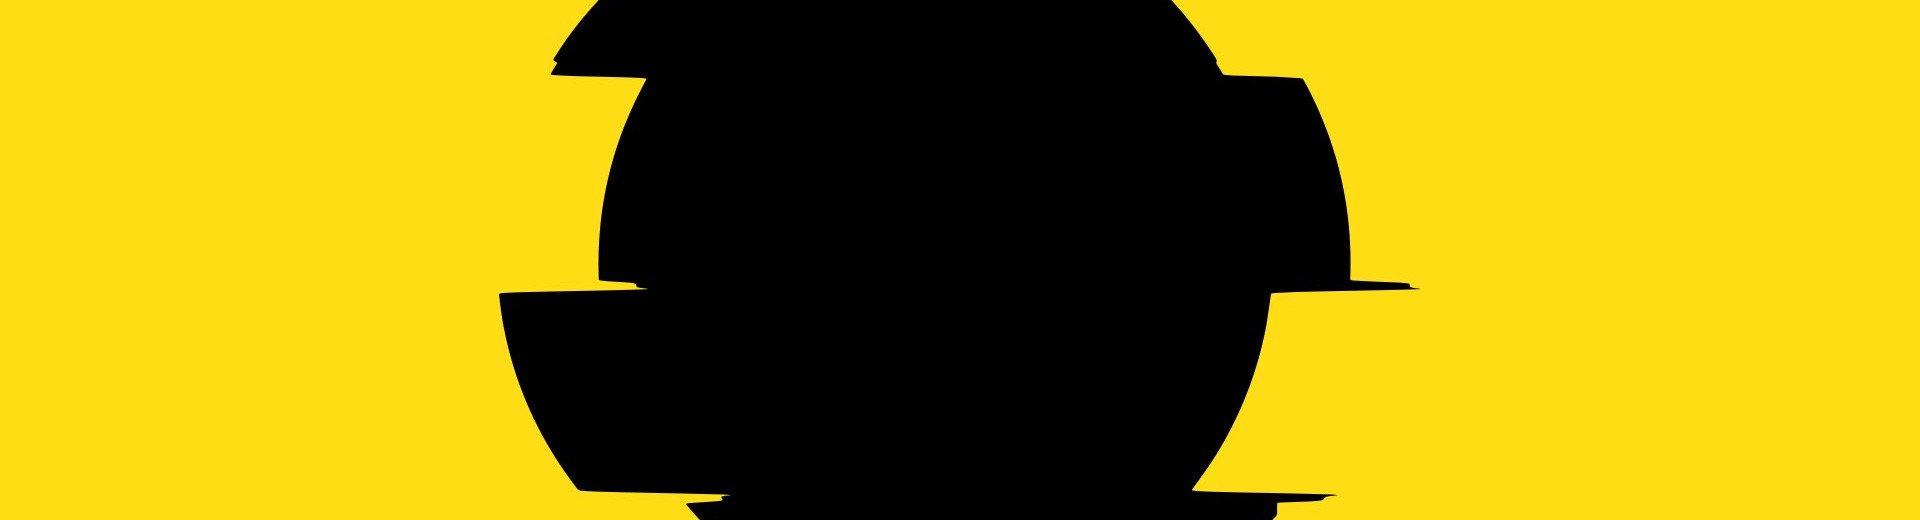 Okładka artykułu Czas na egzekucję — Druga edycja konferencji graficznej Projekcje już w czerwcu w Poznaniu